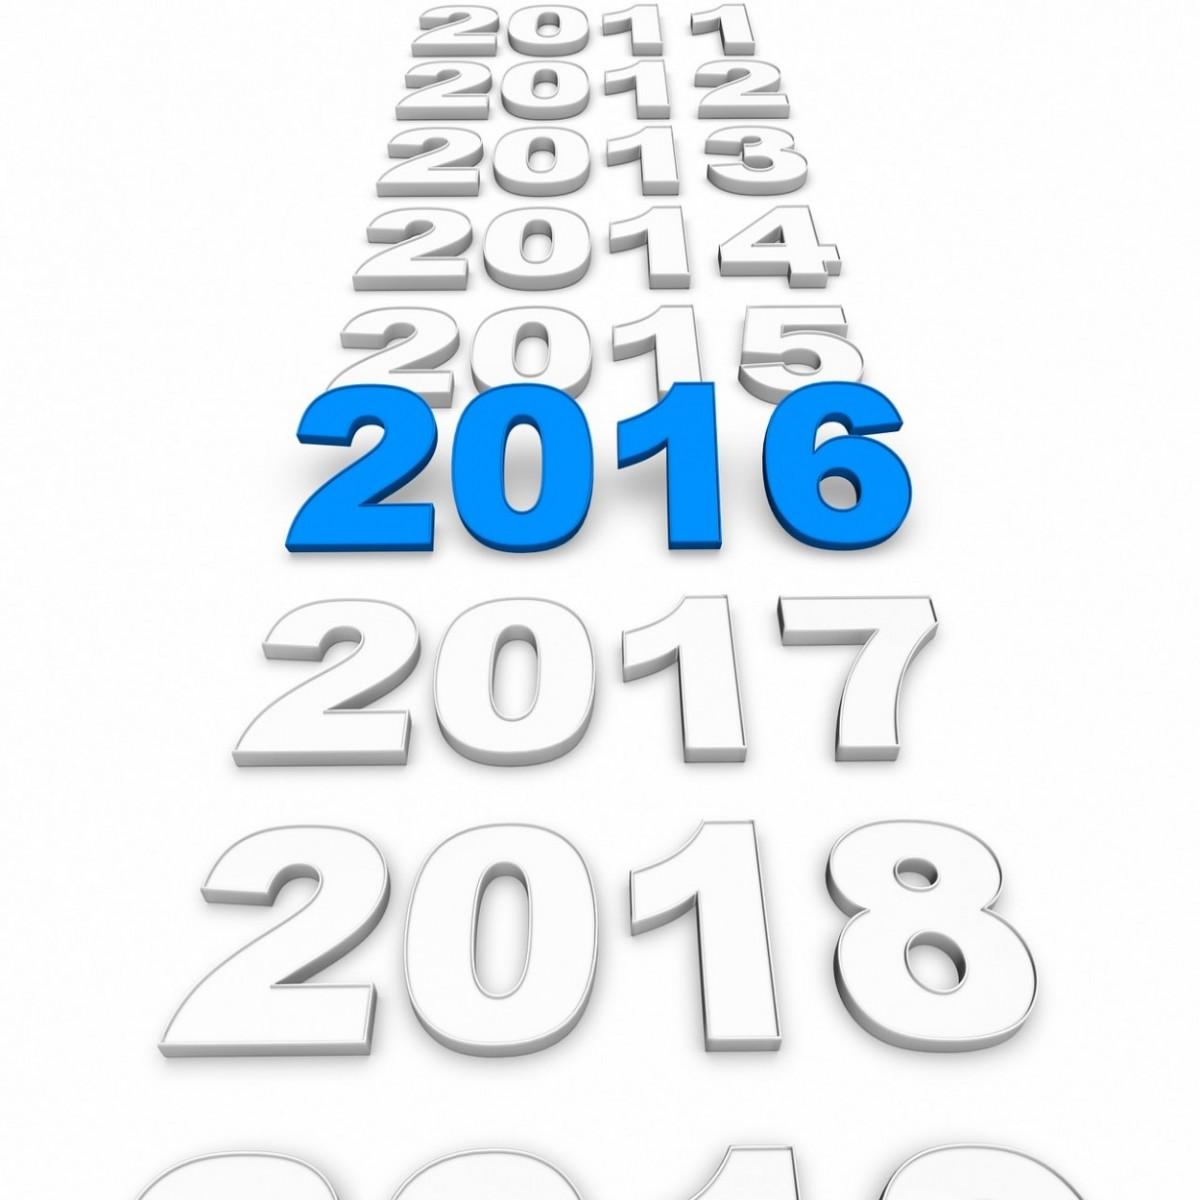 Janvier est mois propice pour adresser nos voeux les meilleurs